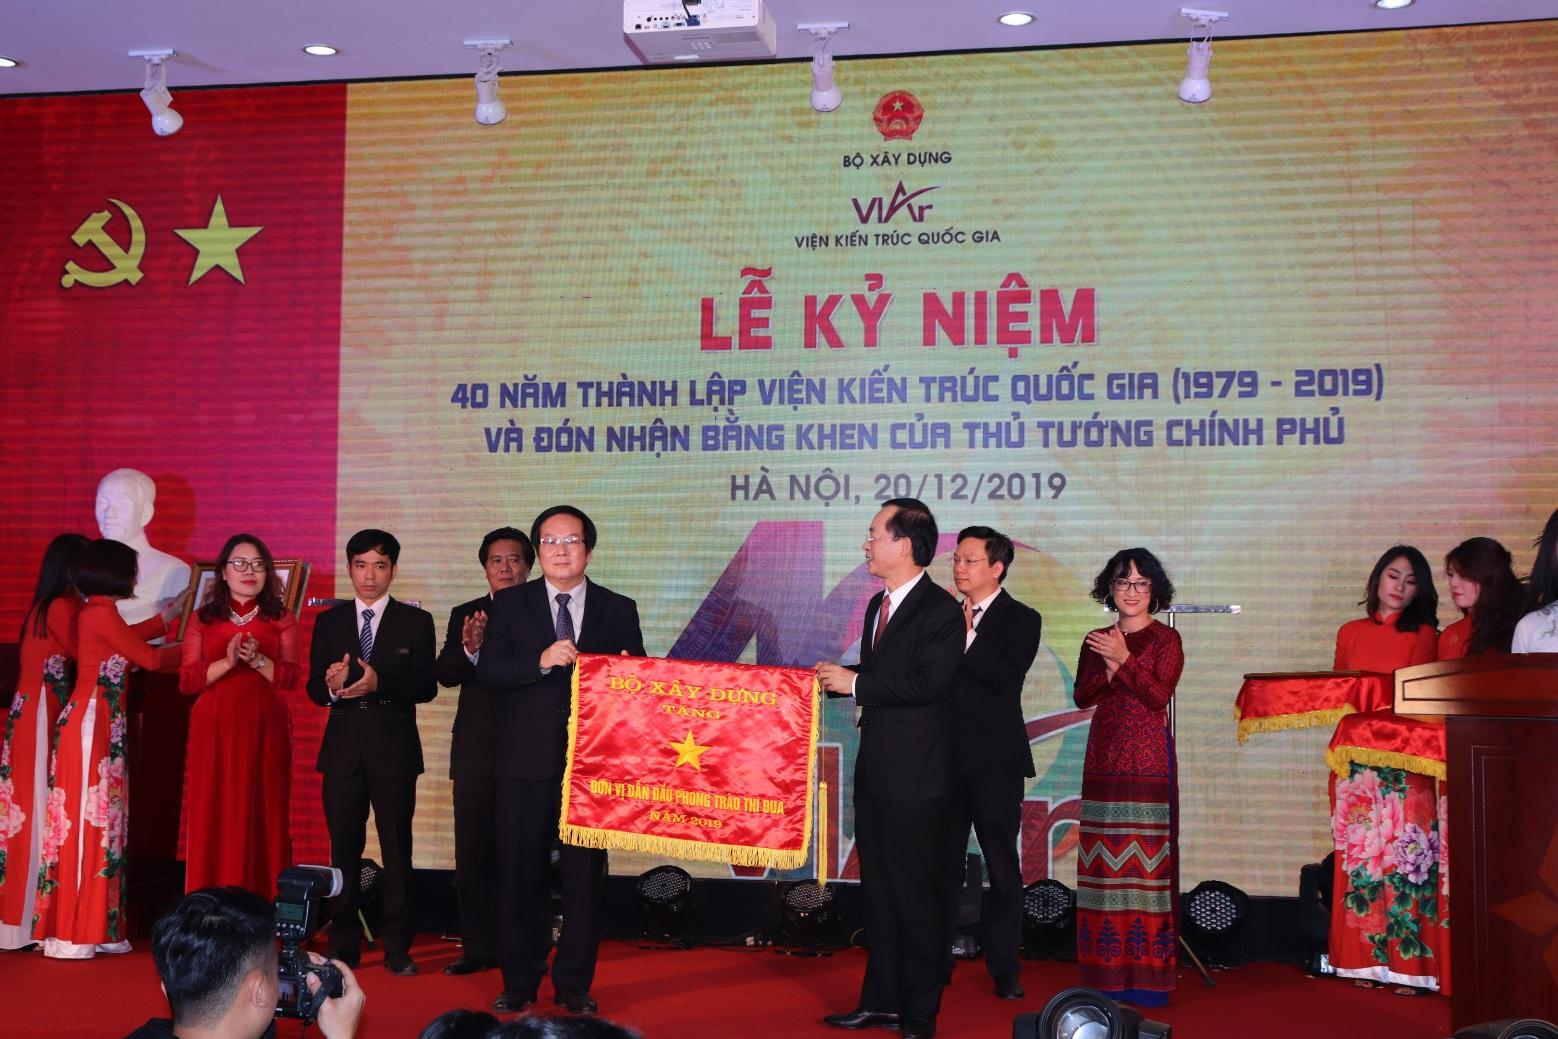 Bộ trưởng Phạm Hồng Hà tặng cờ thi đua của Bộ Xây dựng cho Viện Kiến trúc Quốc gia